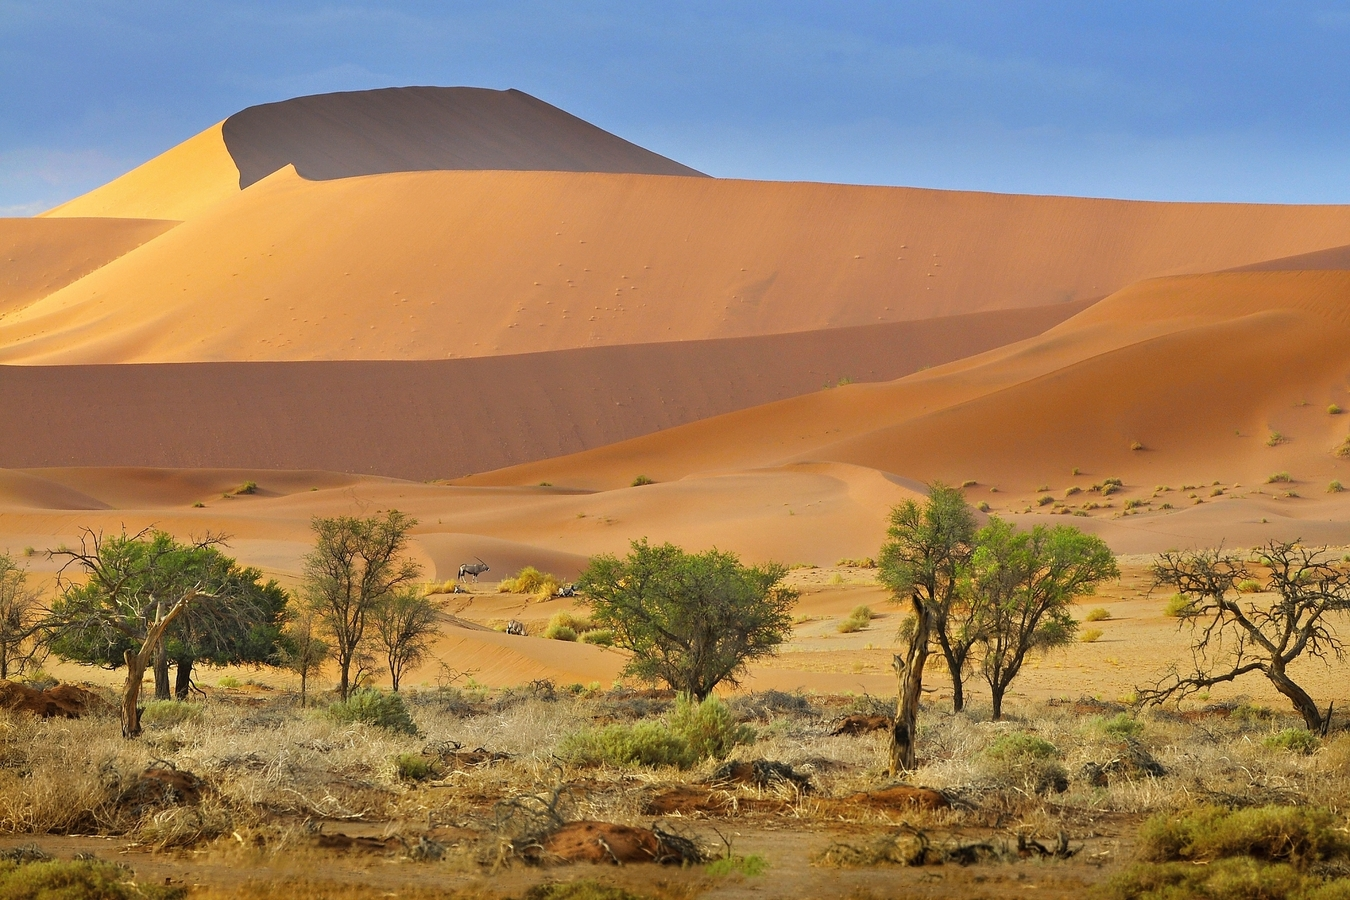 vzpomínky na Afriku (18)